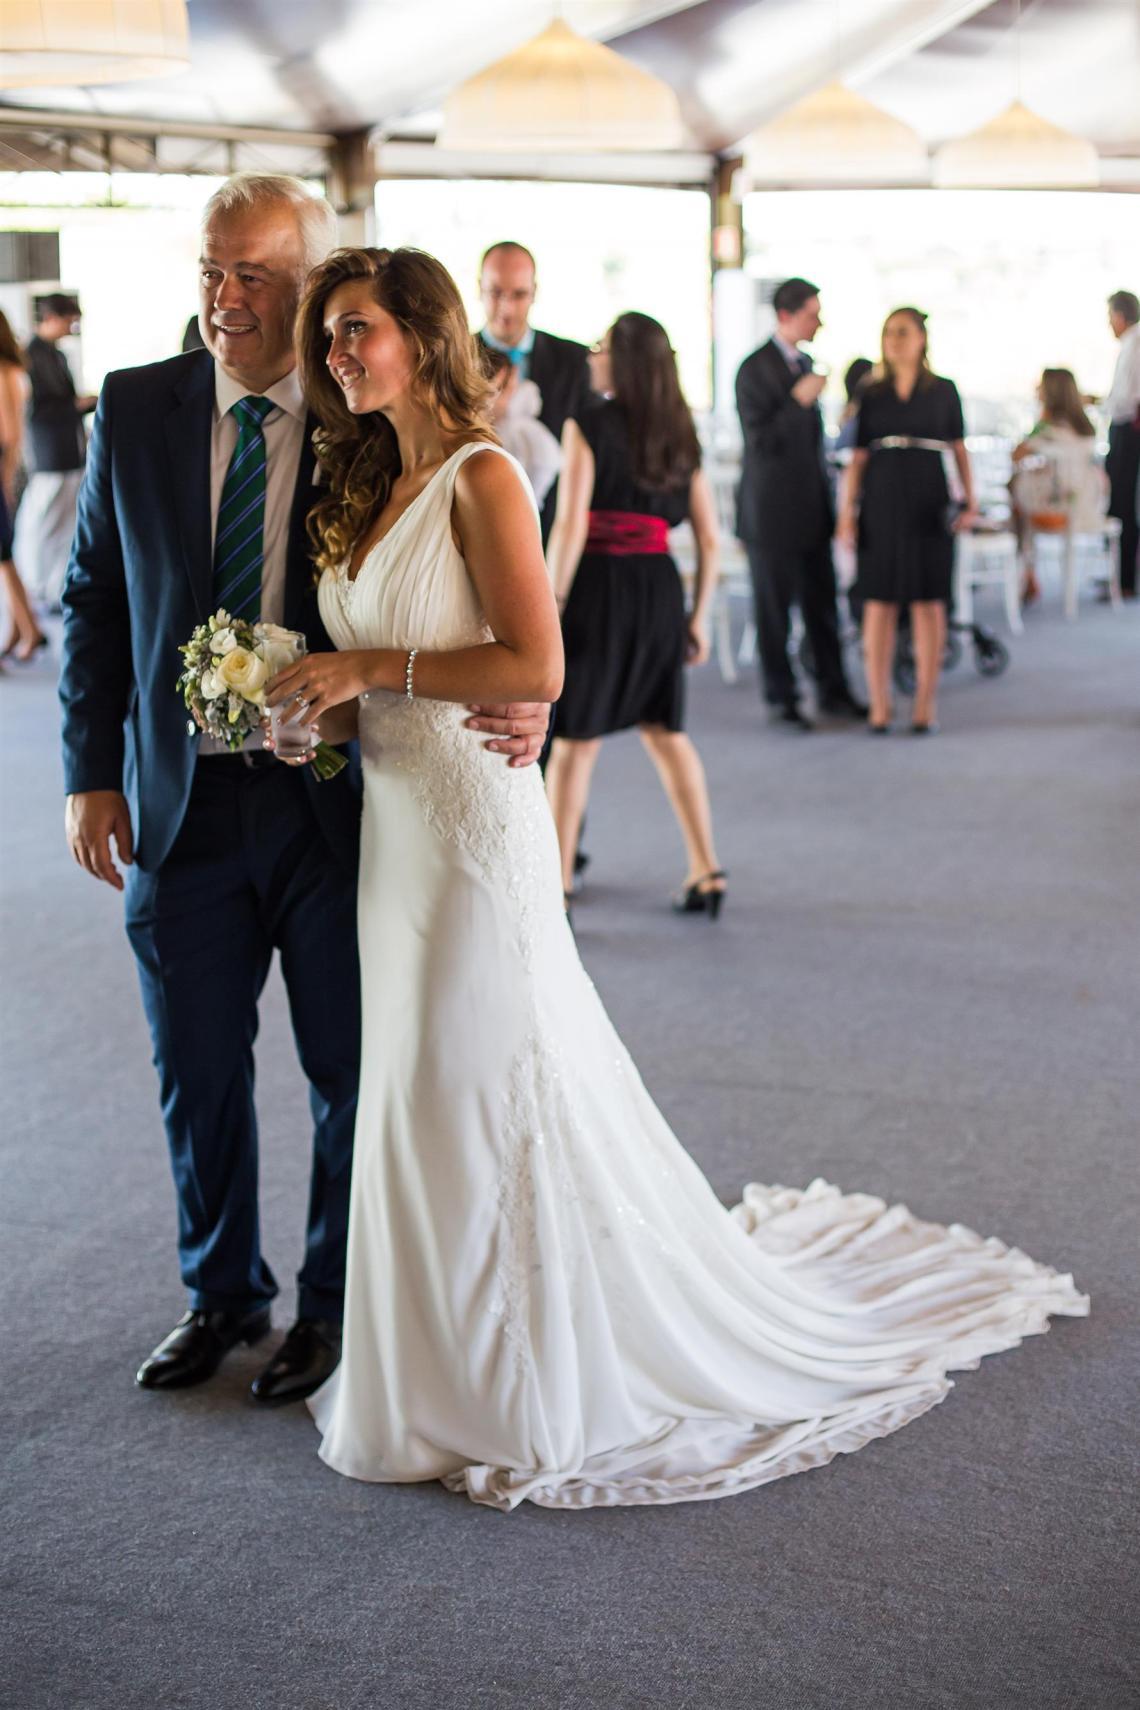 boda-espanola-sueca-ella-se-viste-de-blanco (14)